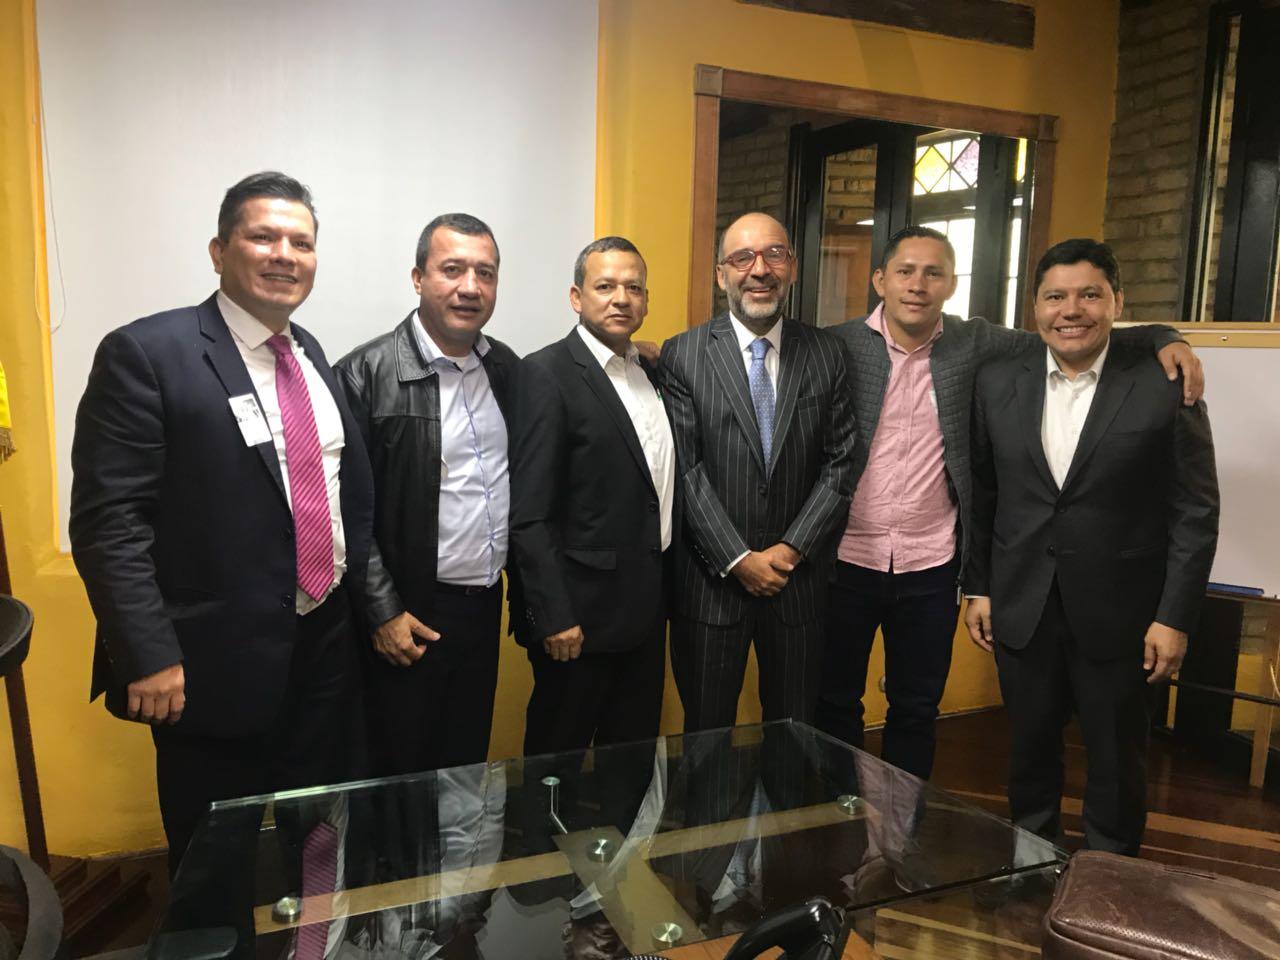 GOBIERNO NACIONAL PRIORIZA PROYECTOS DE VIVIENDA PARA TRES MUNICIPIOS DEL CAQUETÁ